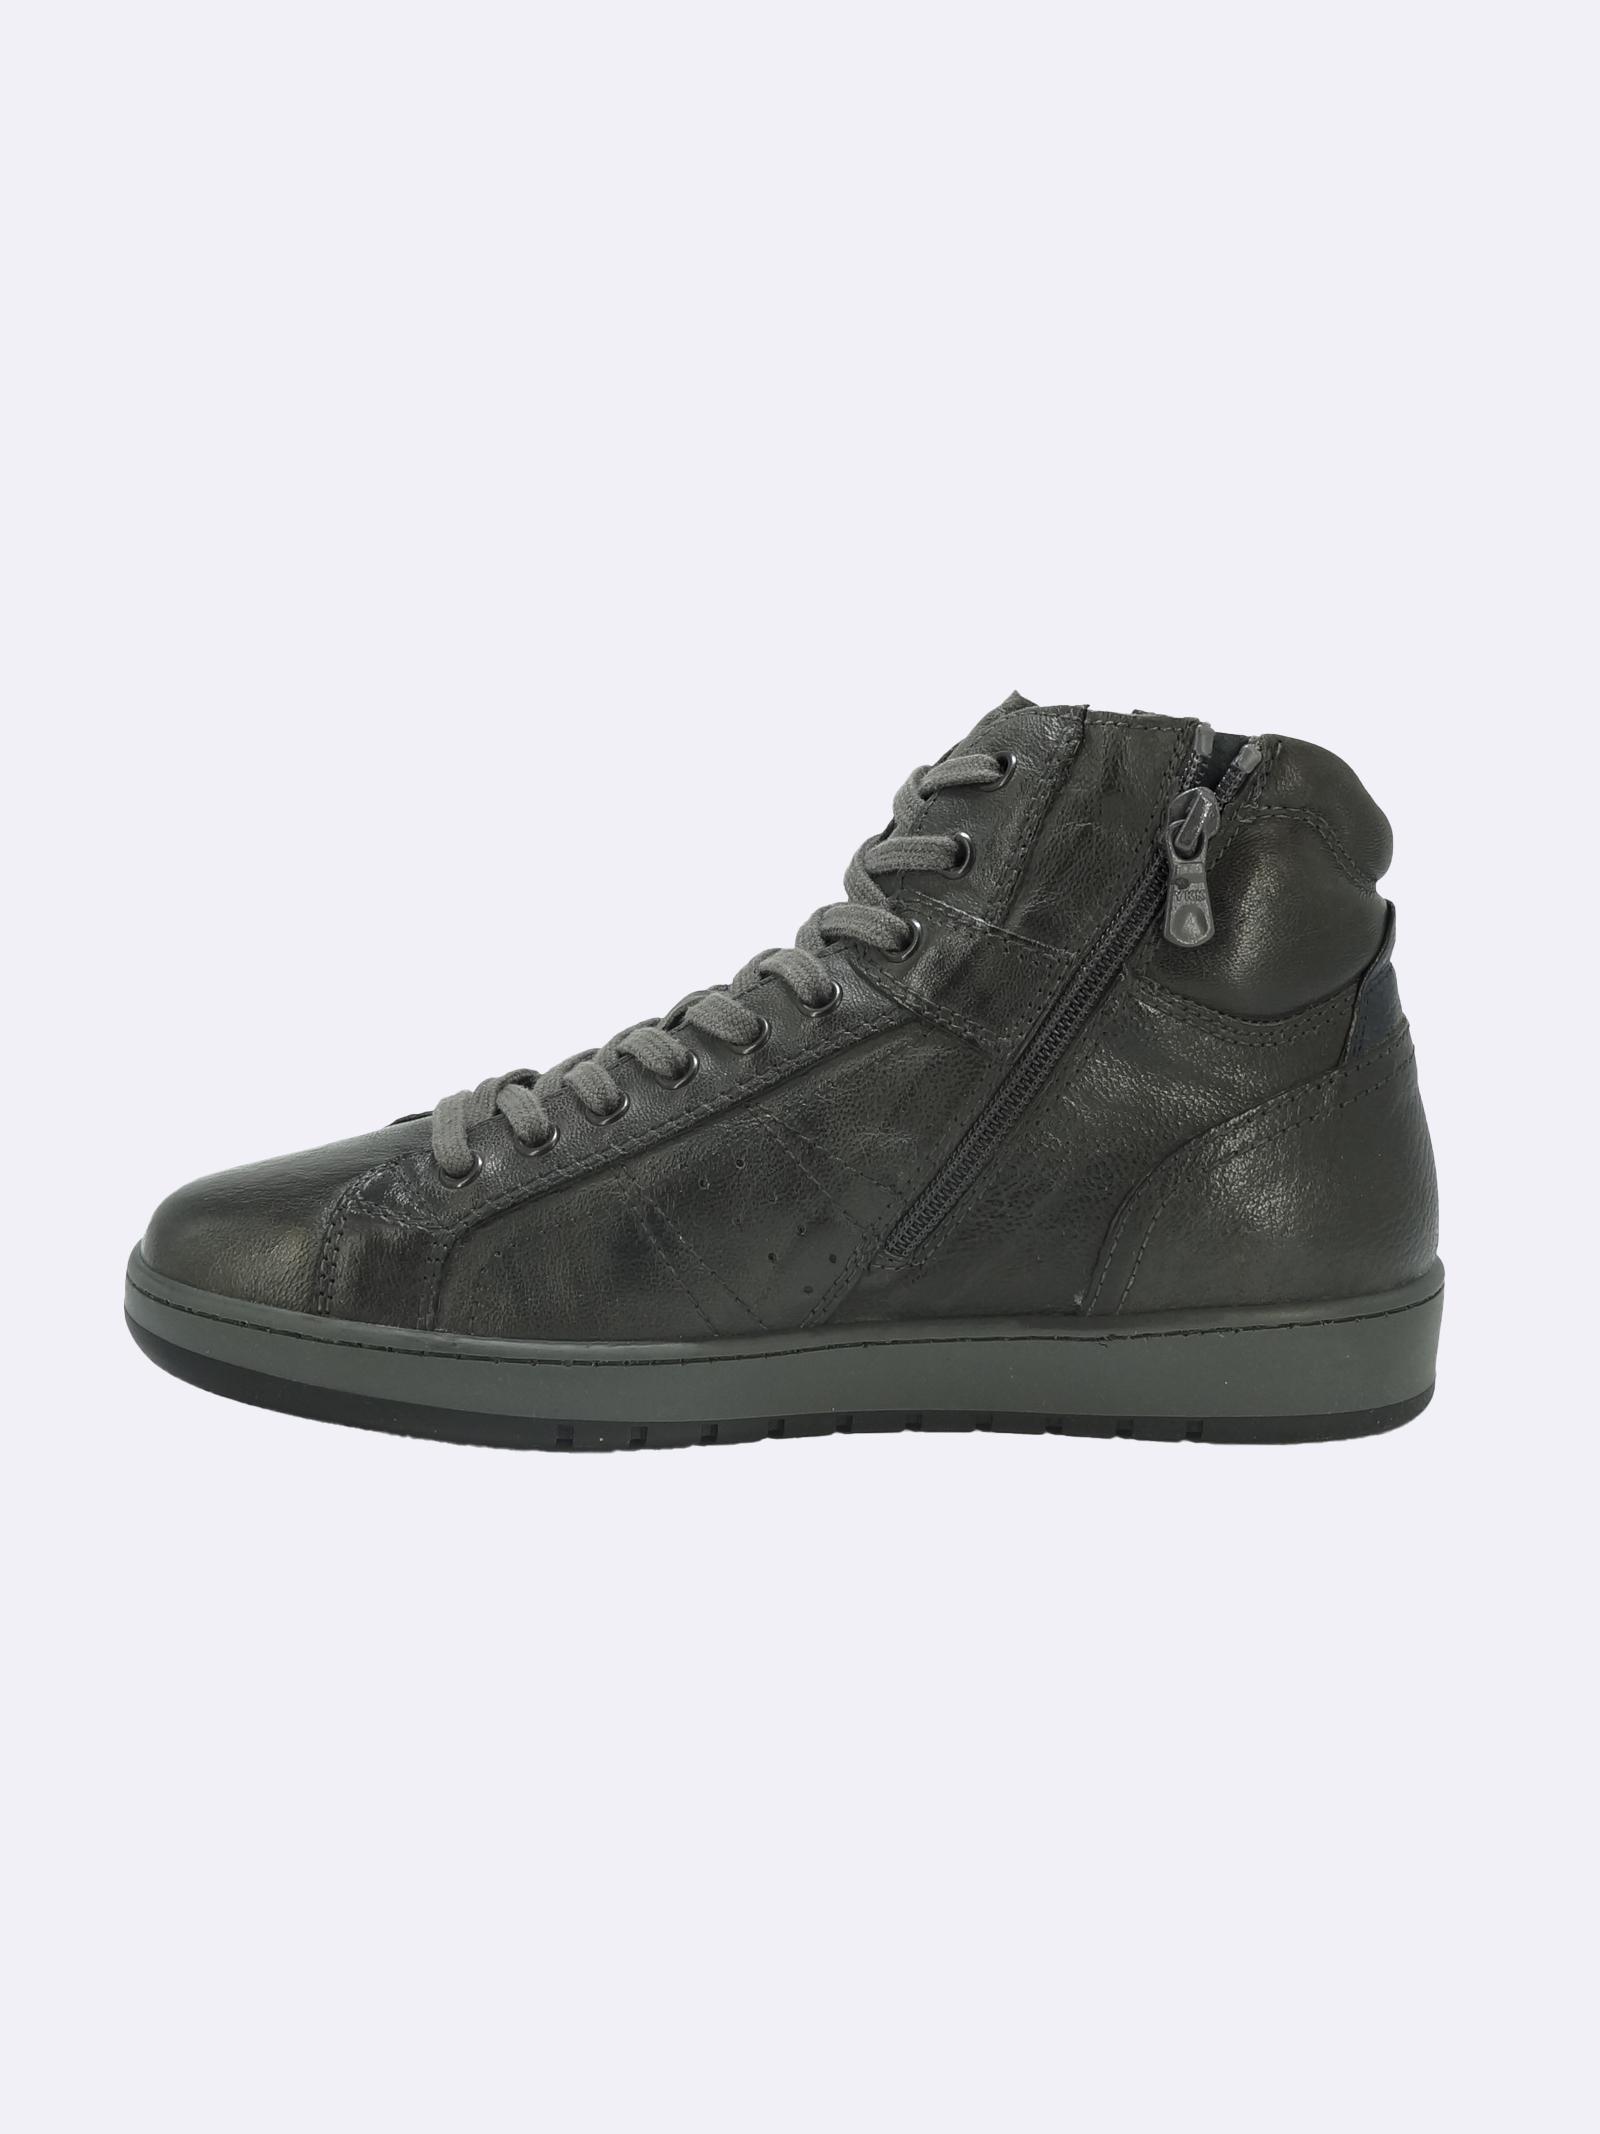 Sneakers Stivaletto Uomo in Pelle con Lacci e Zip Nero Giardini   Sneakers   I102190UPIOMBO109